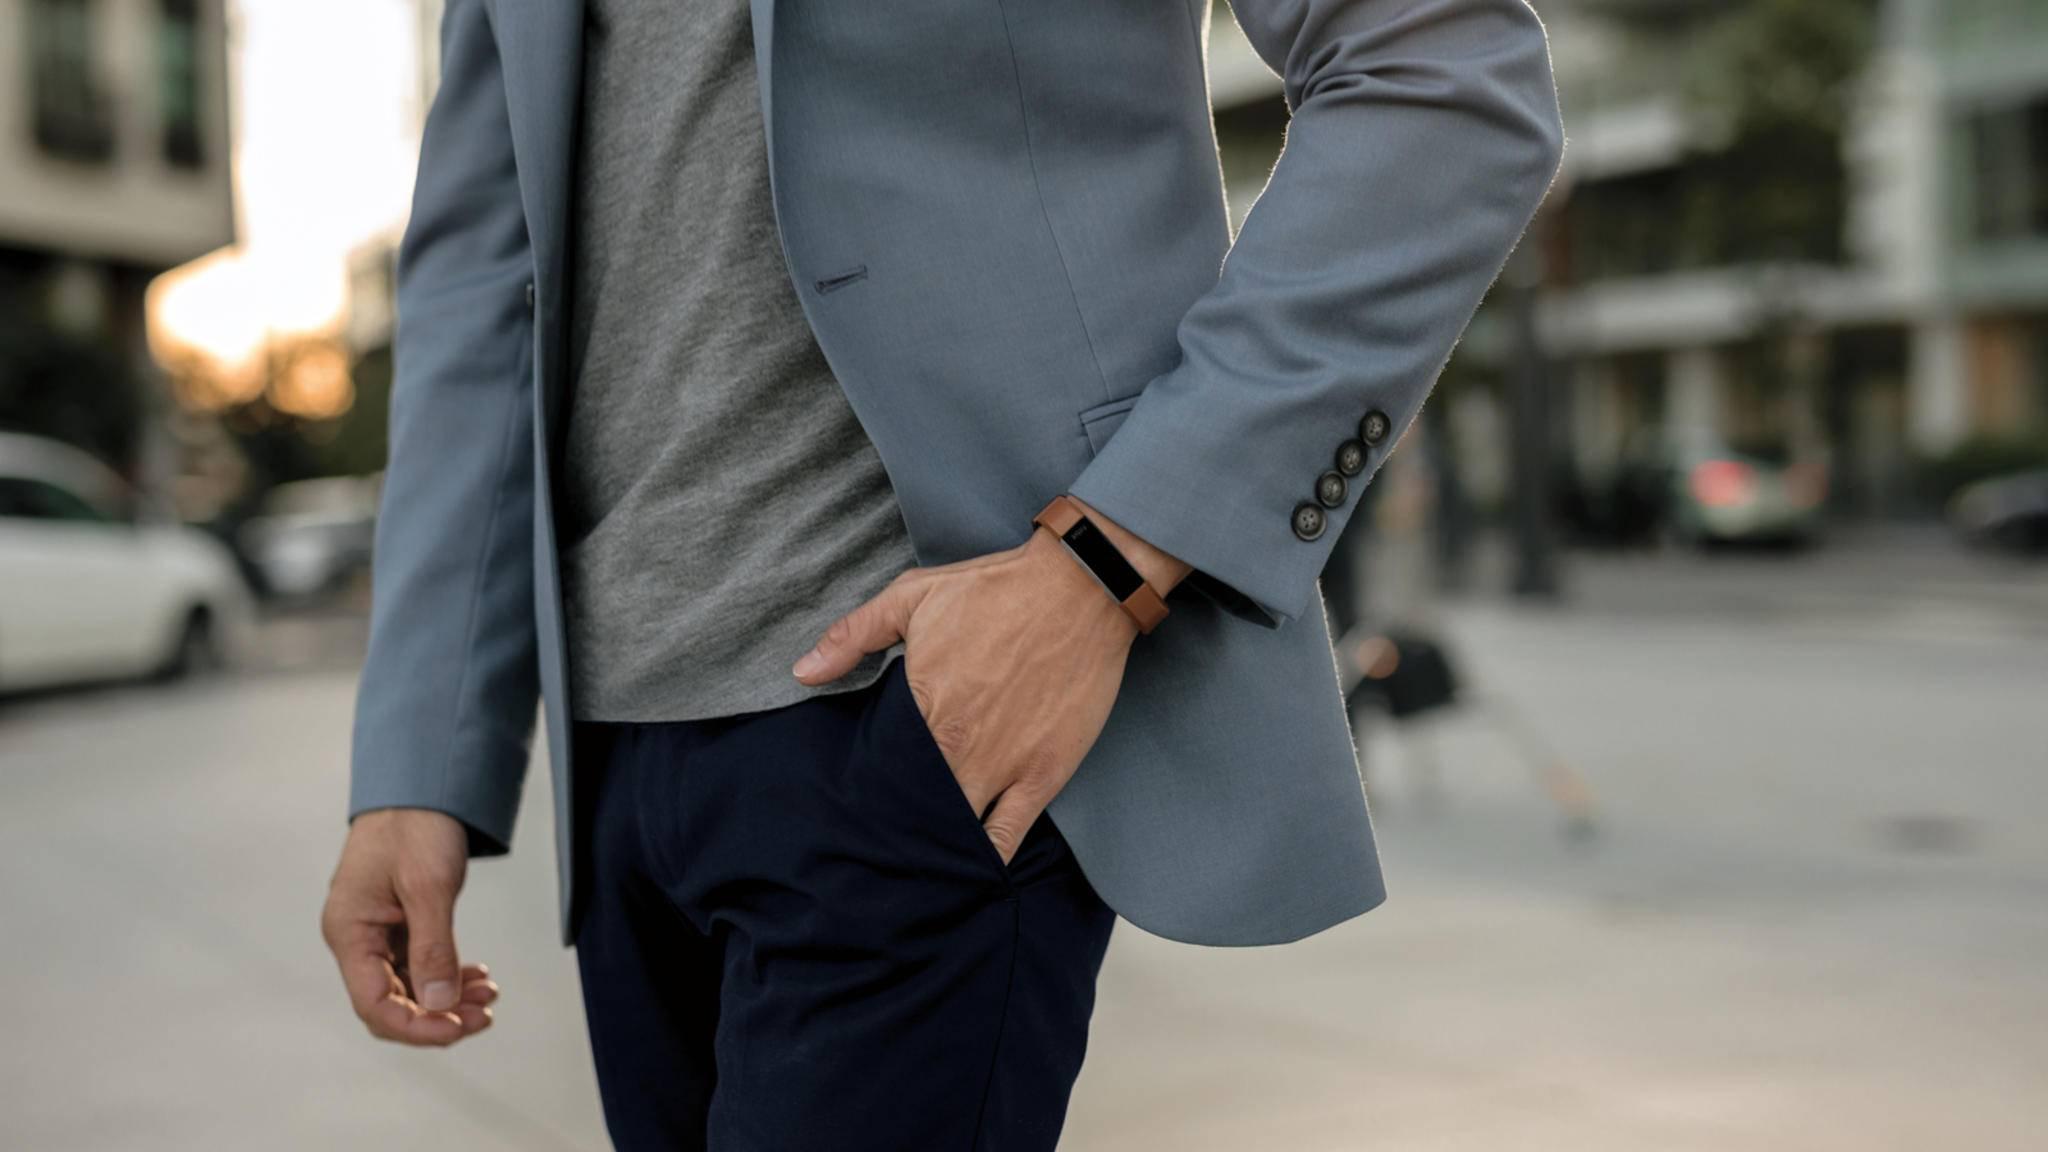 Wearables wie der Fitbit Alta können sogar Krankheiten wie Schlafapnoe und Bluthochdruck erkennen.